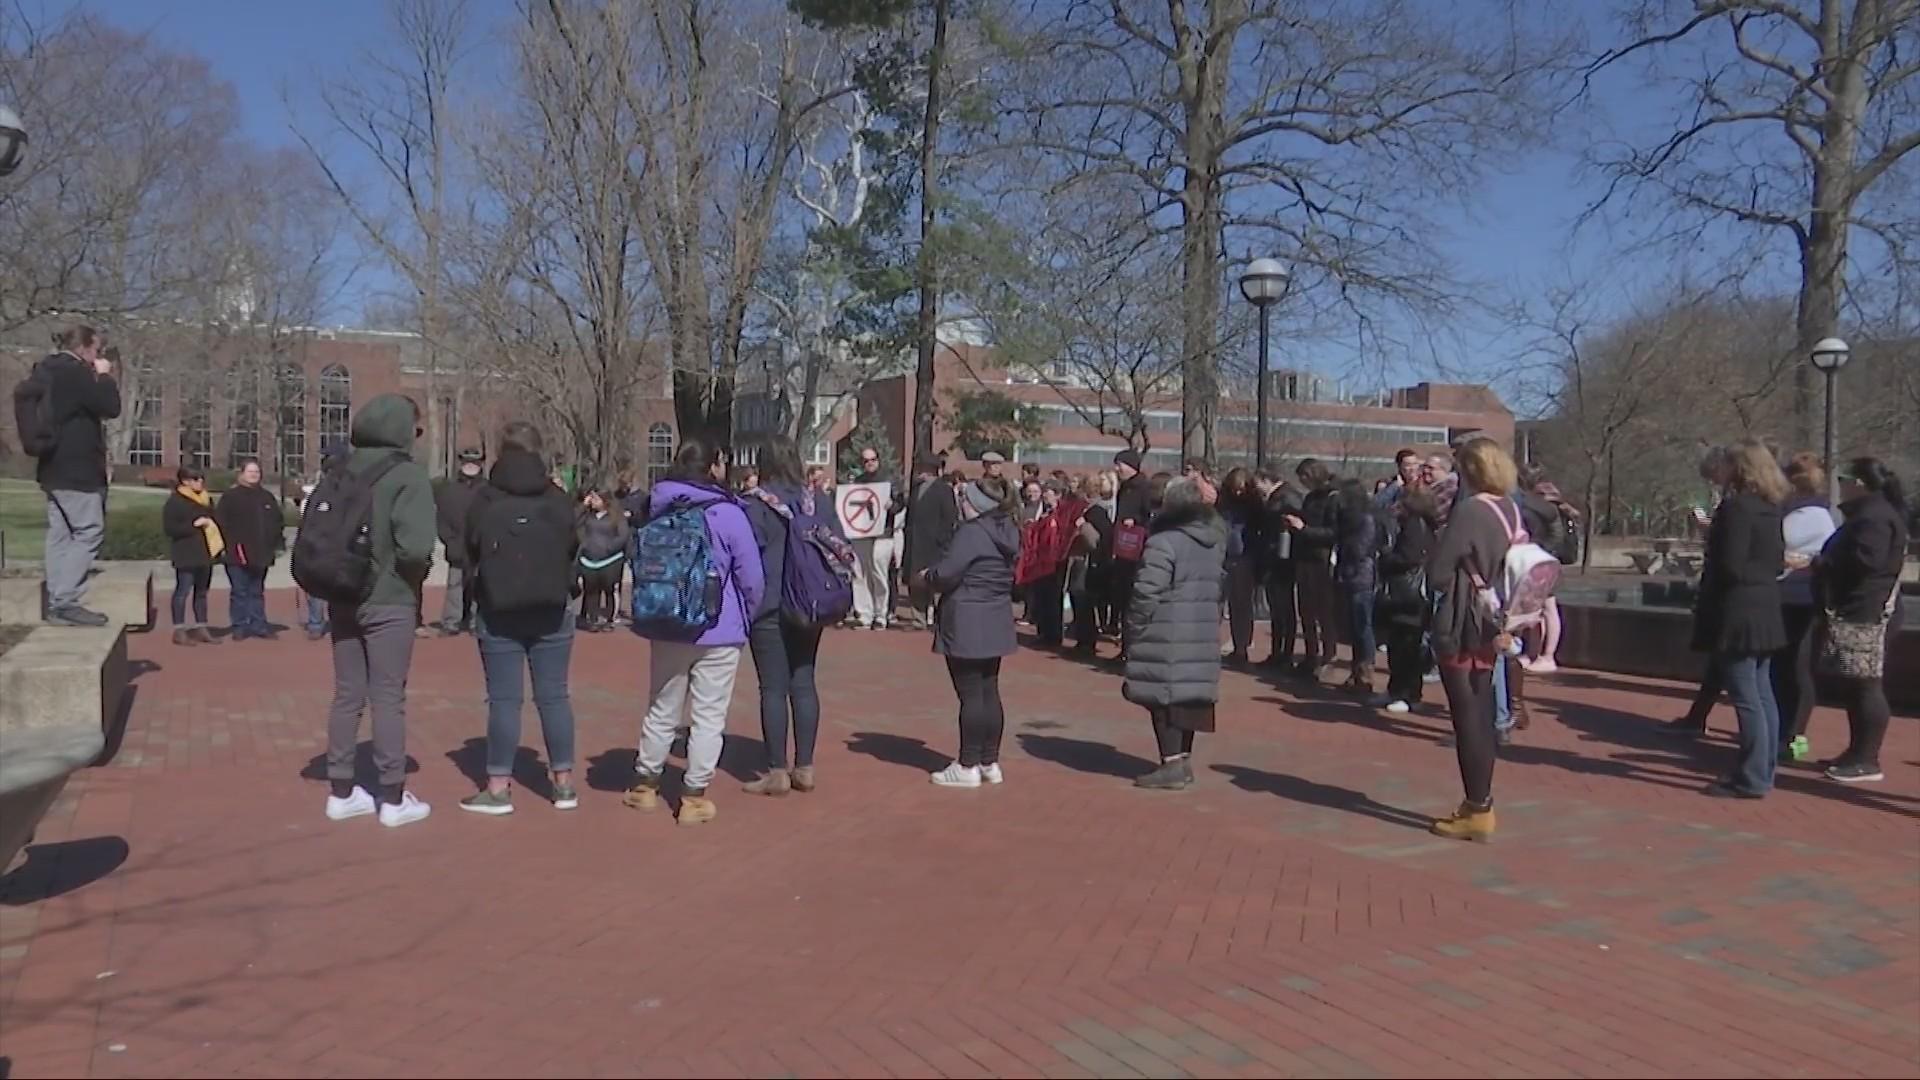 Protest Held at Marshall University Toward House Bill 2519